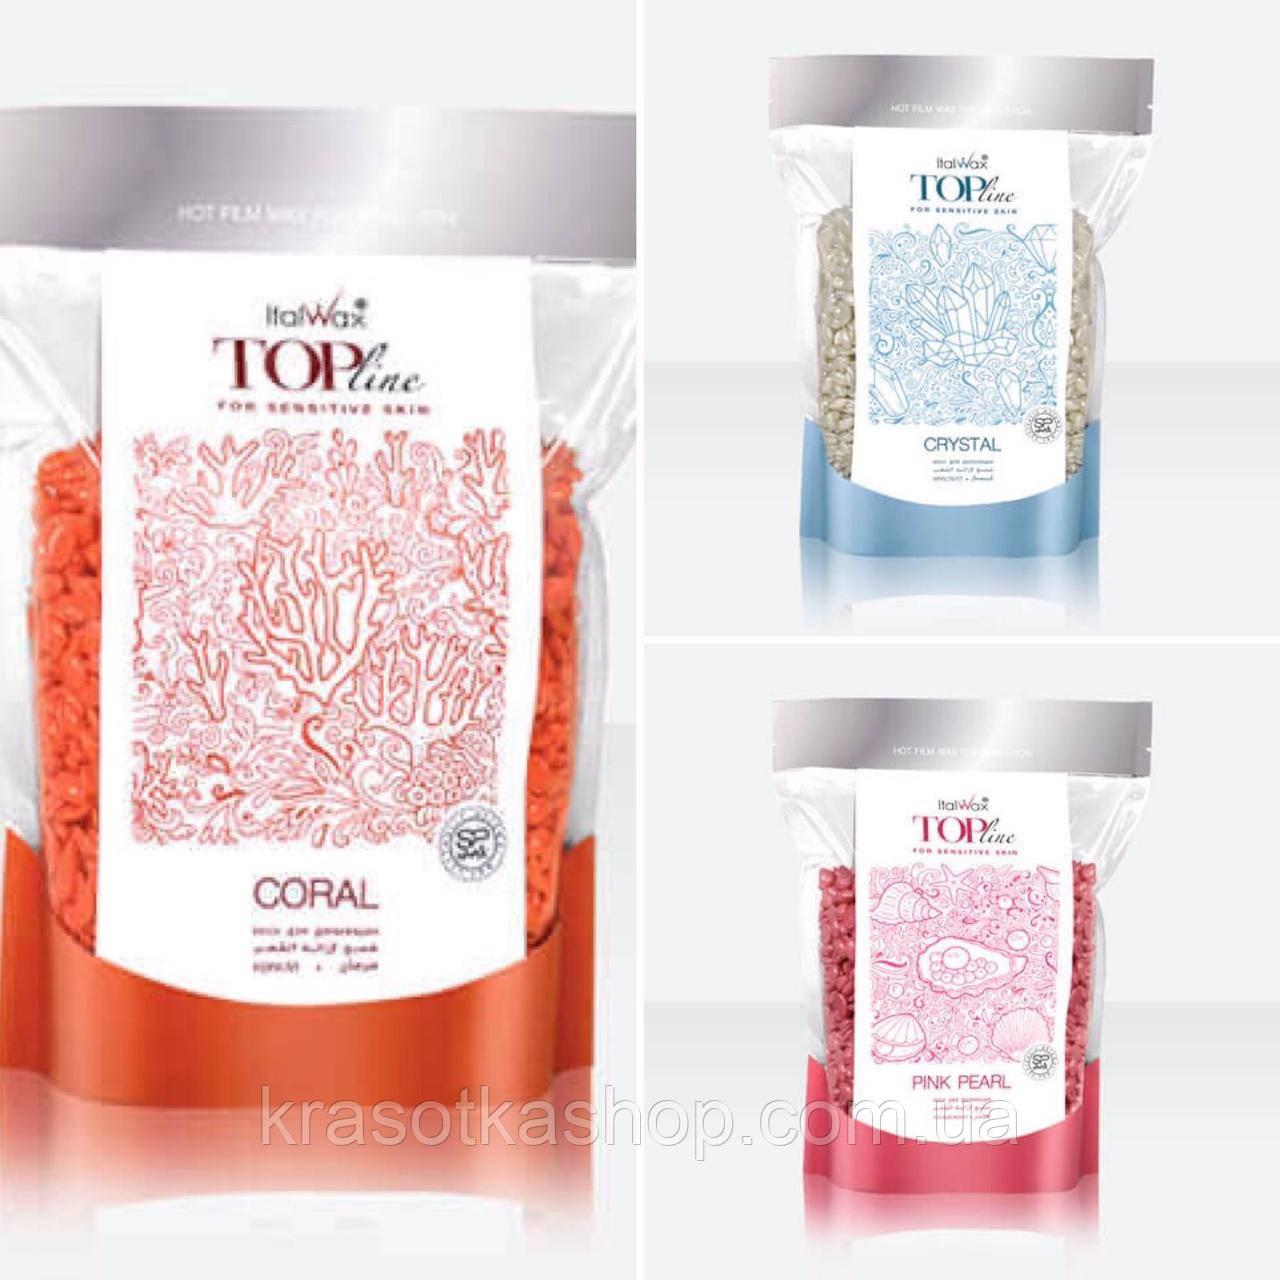 ItalWax TOP Line (Італія), Віск гарячий плівковий в гранулах Рожевий перли, корал, кристал, 250 г